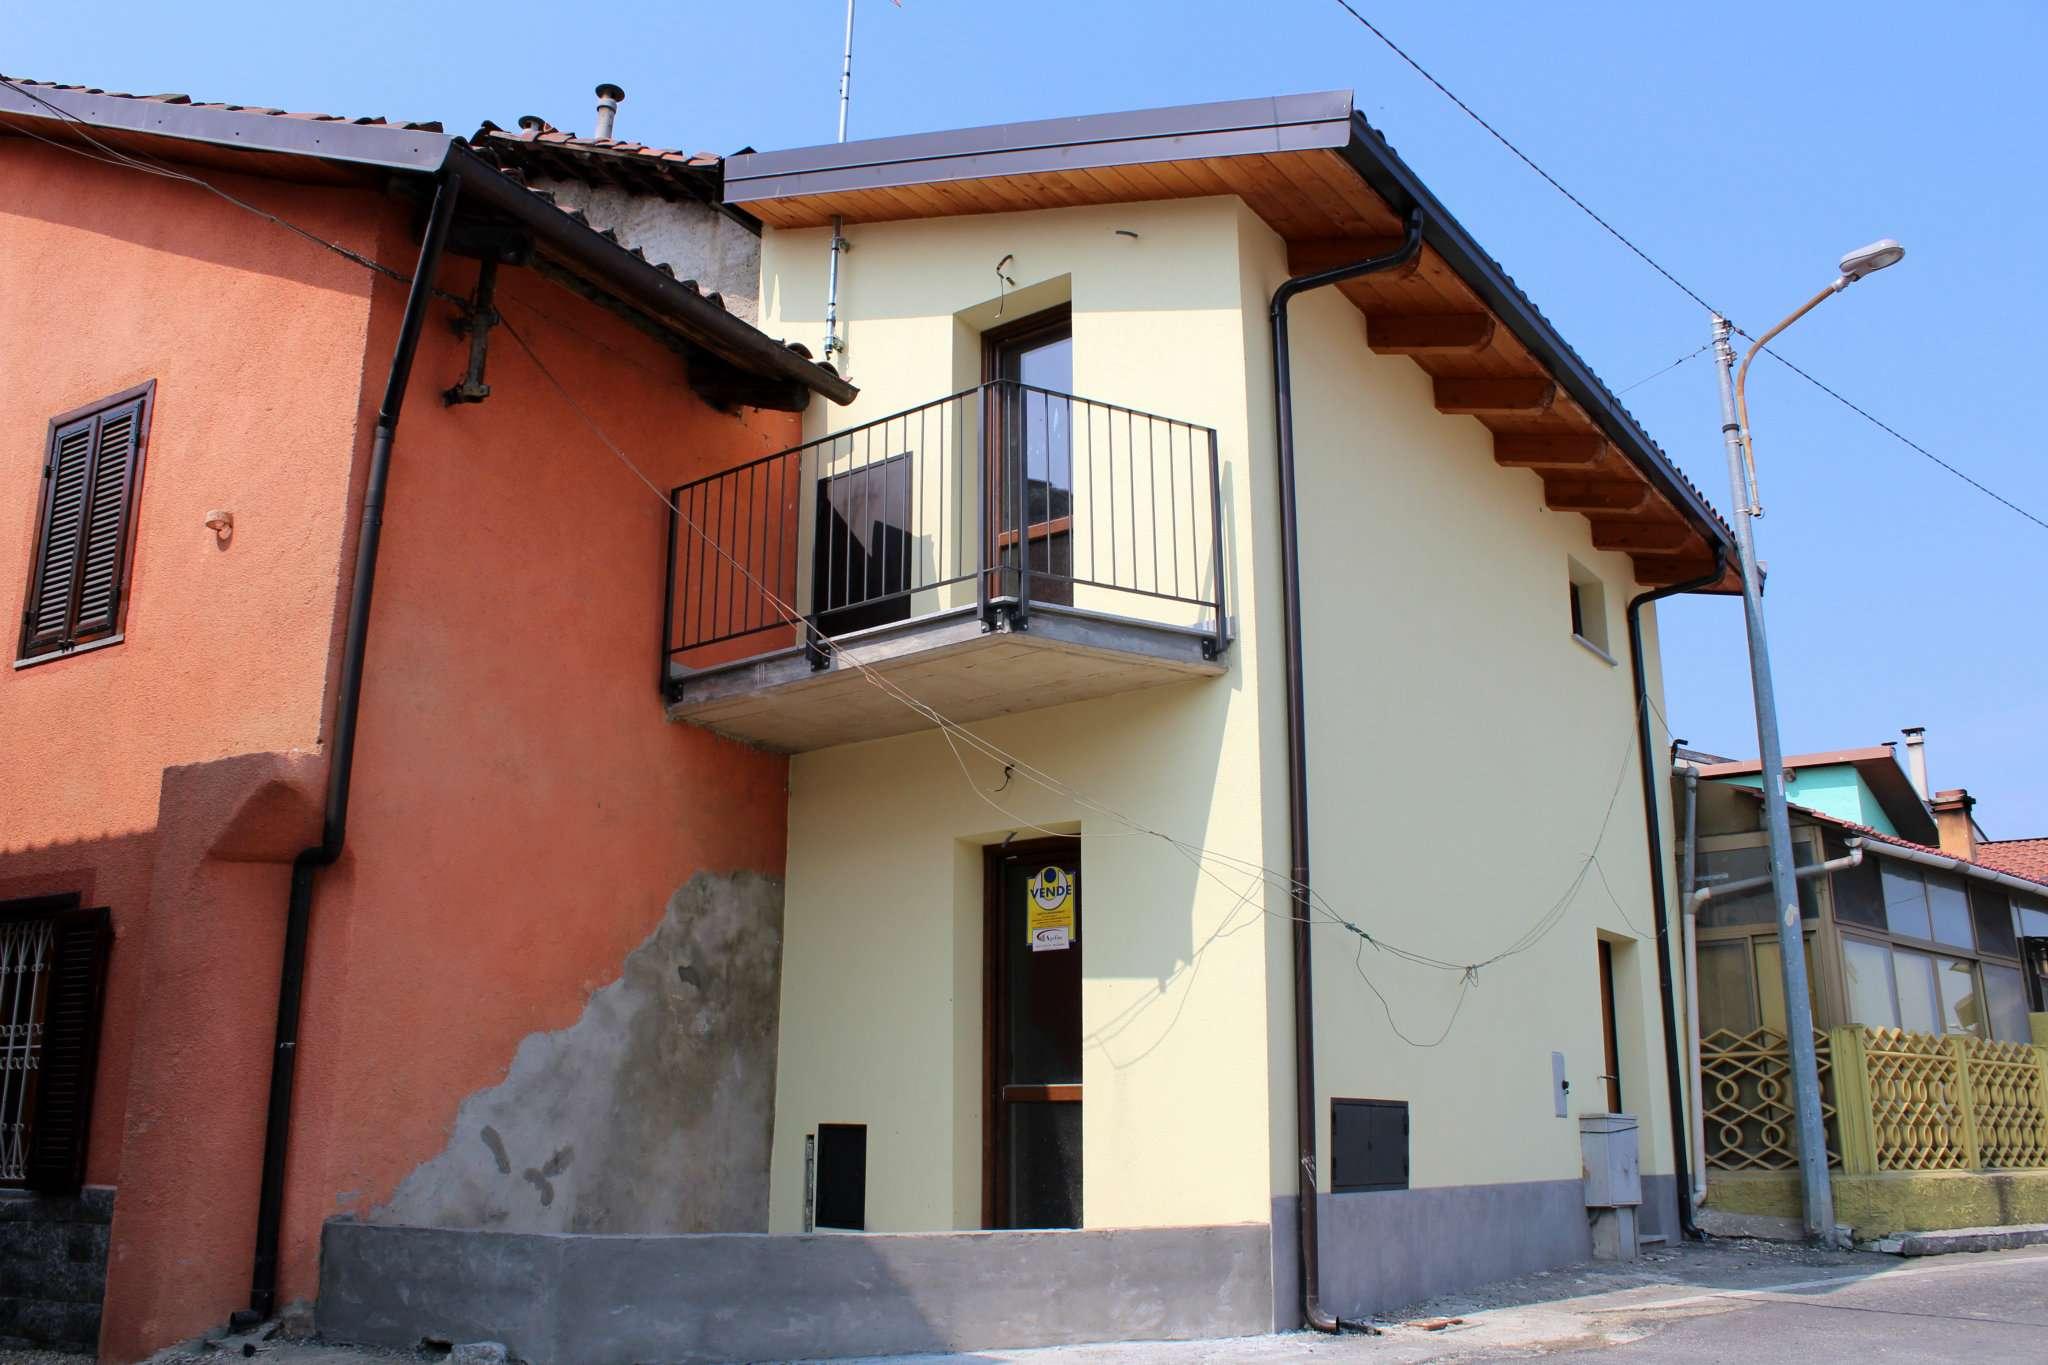 Soluzione Indipendente in vendita a Moncalieri, 2 locali, prezzo € 79.000   CambioCasa.it